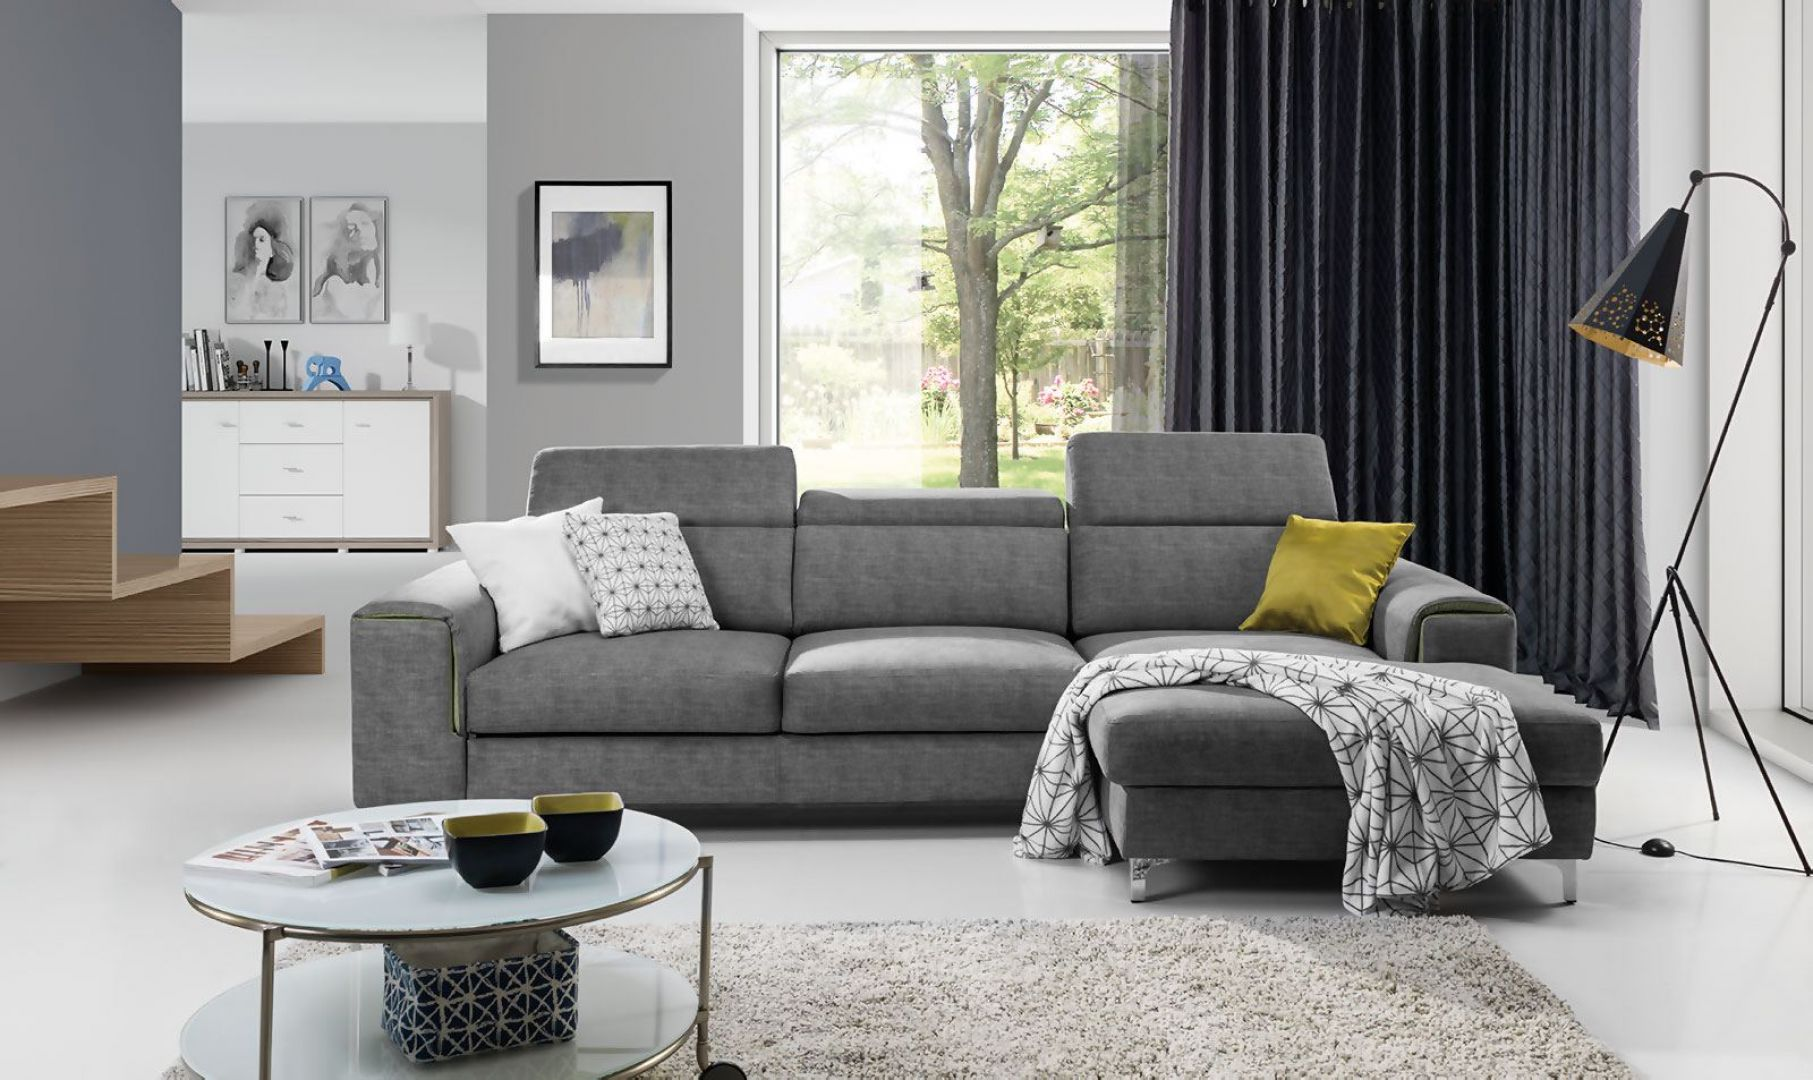 Sofa z funkcją spania z kolekcji Genova dostępna w ofercie firmy Stagra Meble. Fot. Stagra Meble